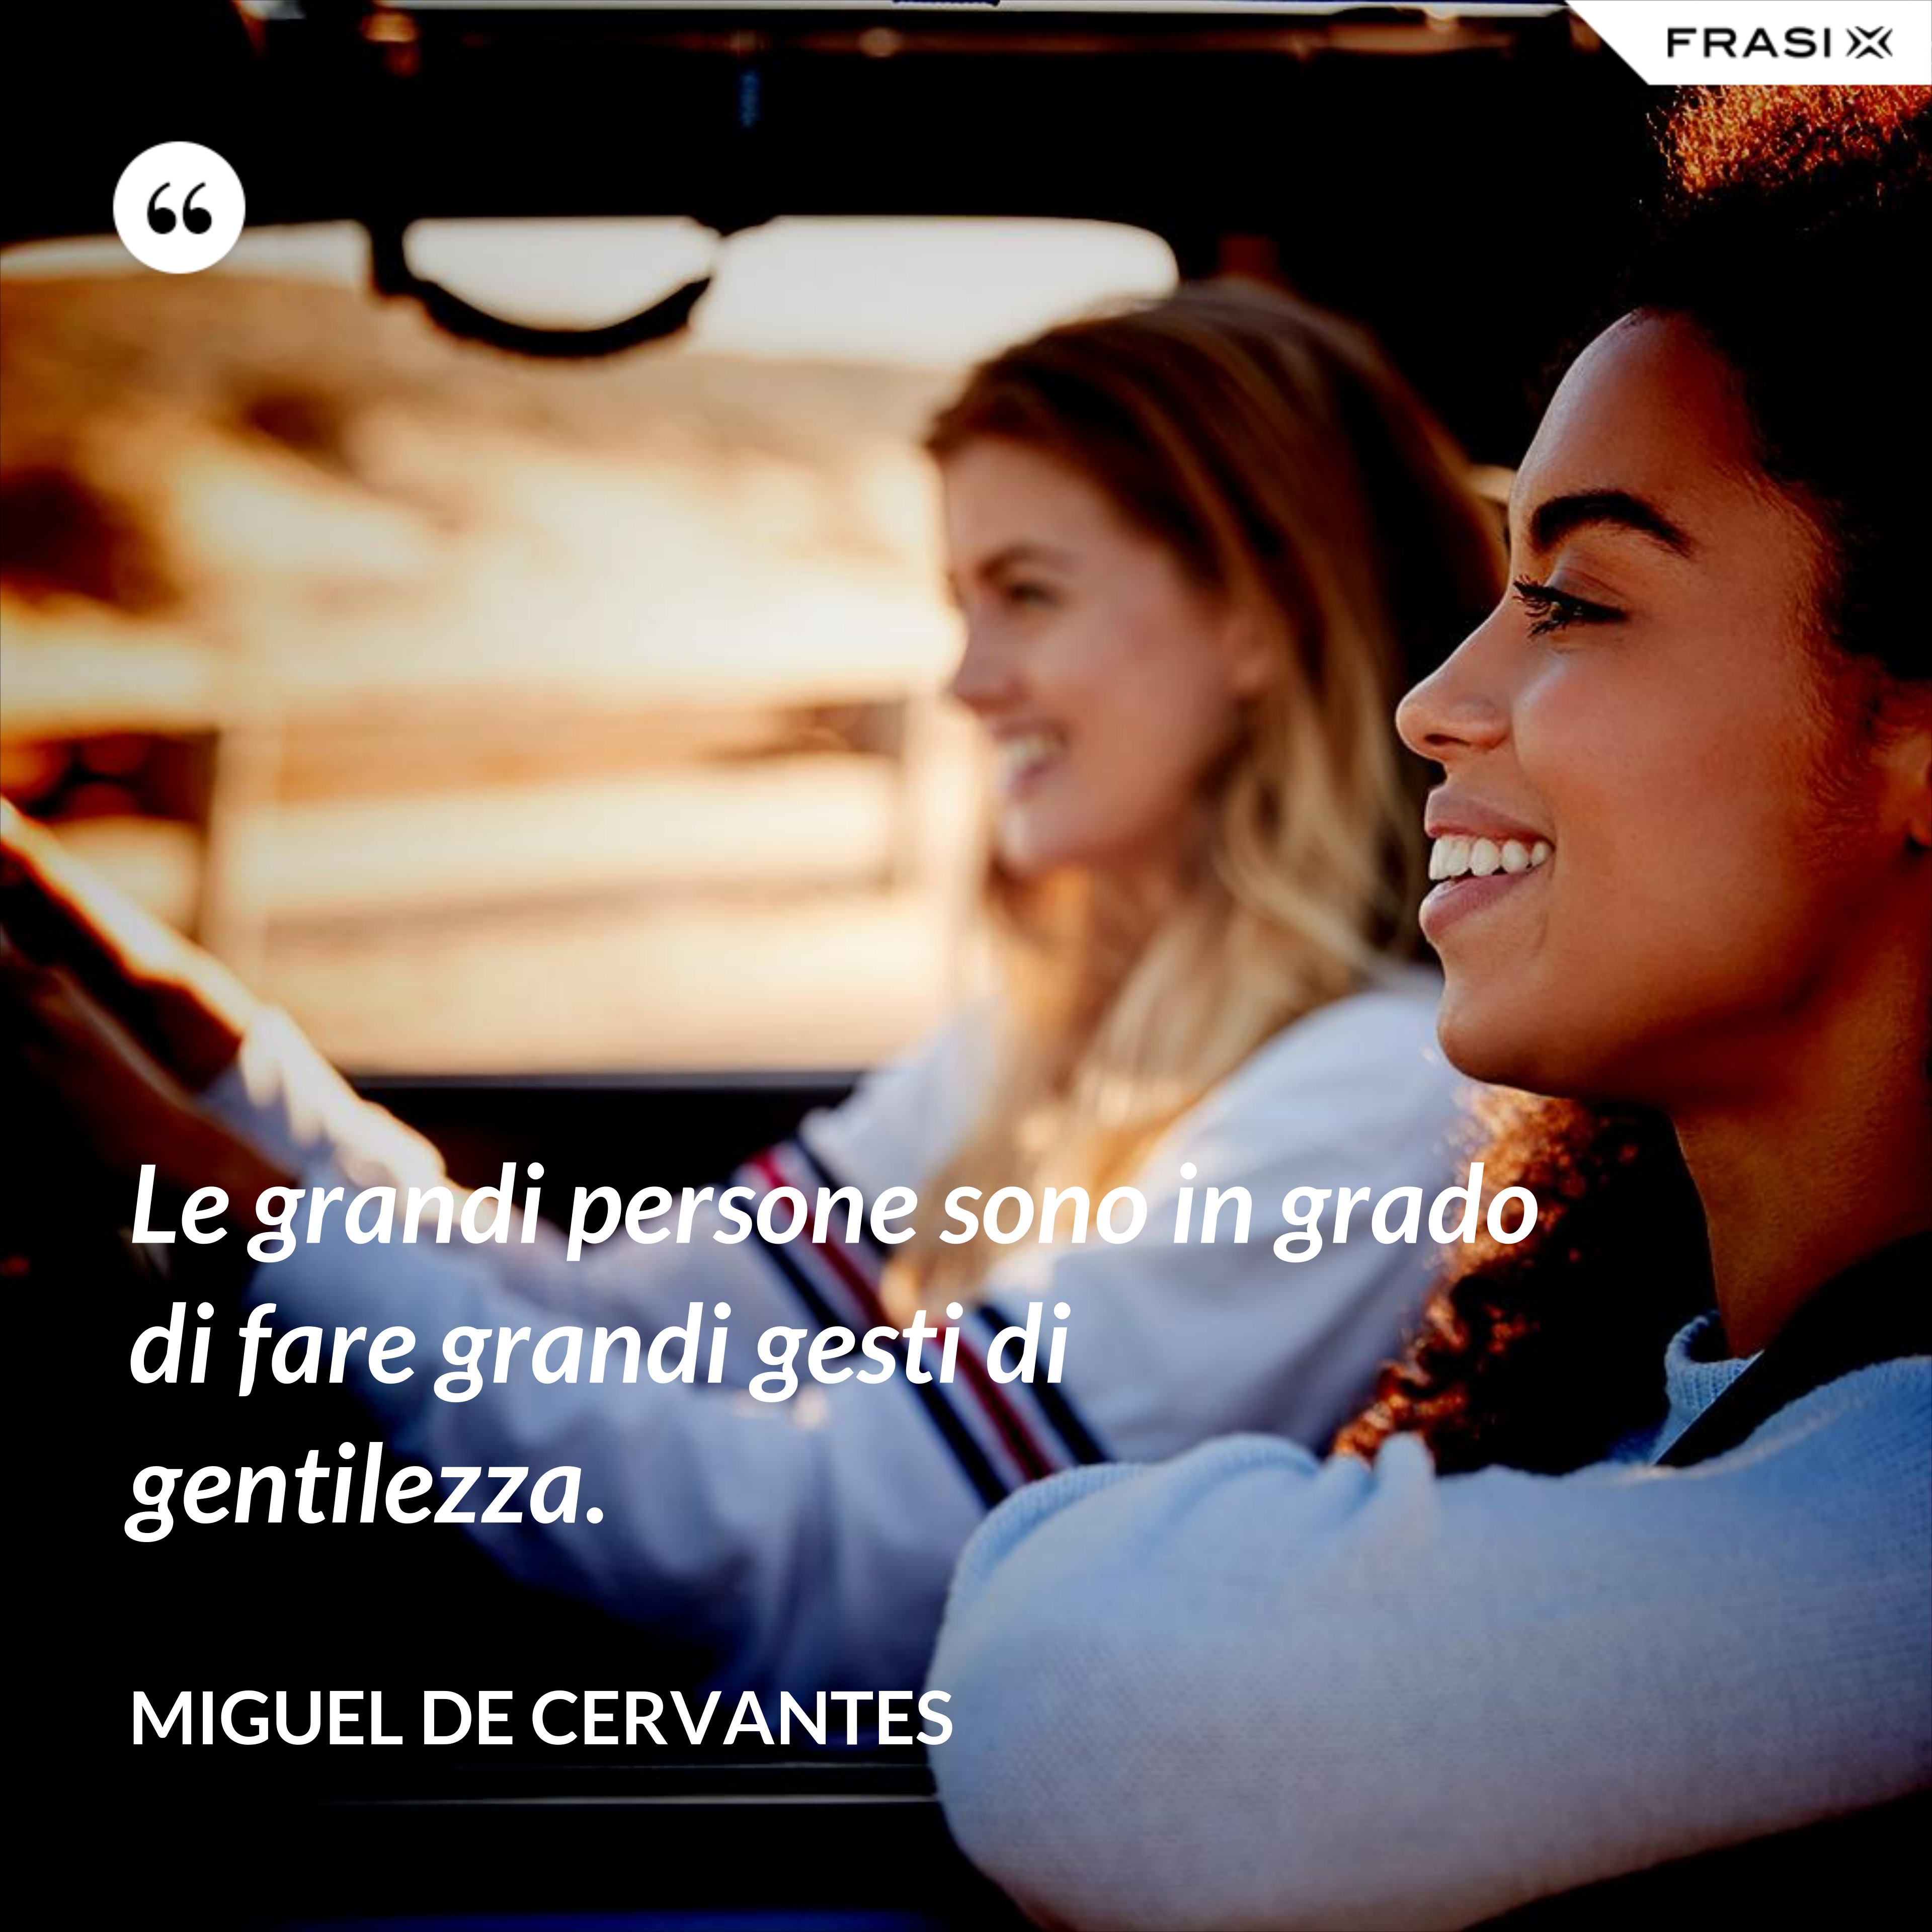 Le grandi persone sono in grado di fare grandi gesti di gentilezza. - Miguel de Cervantes